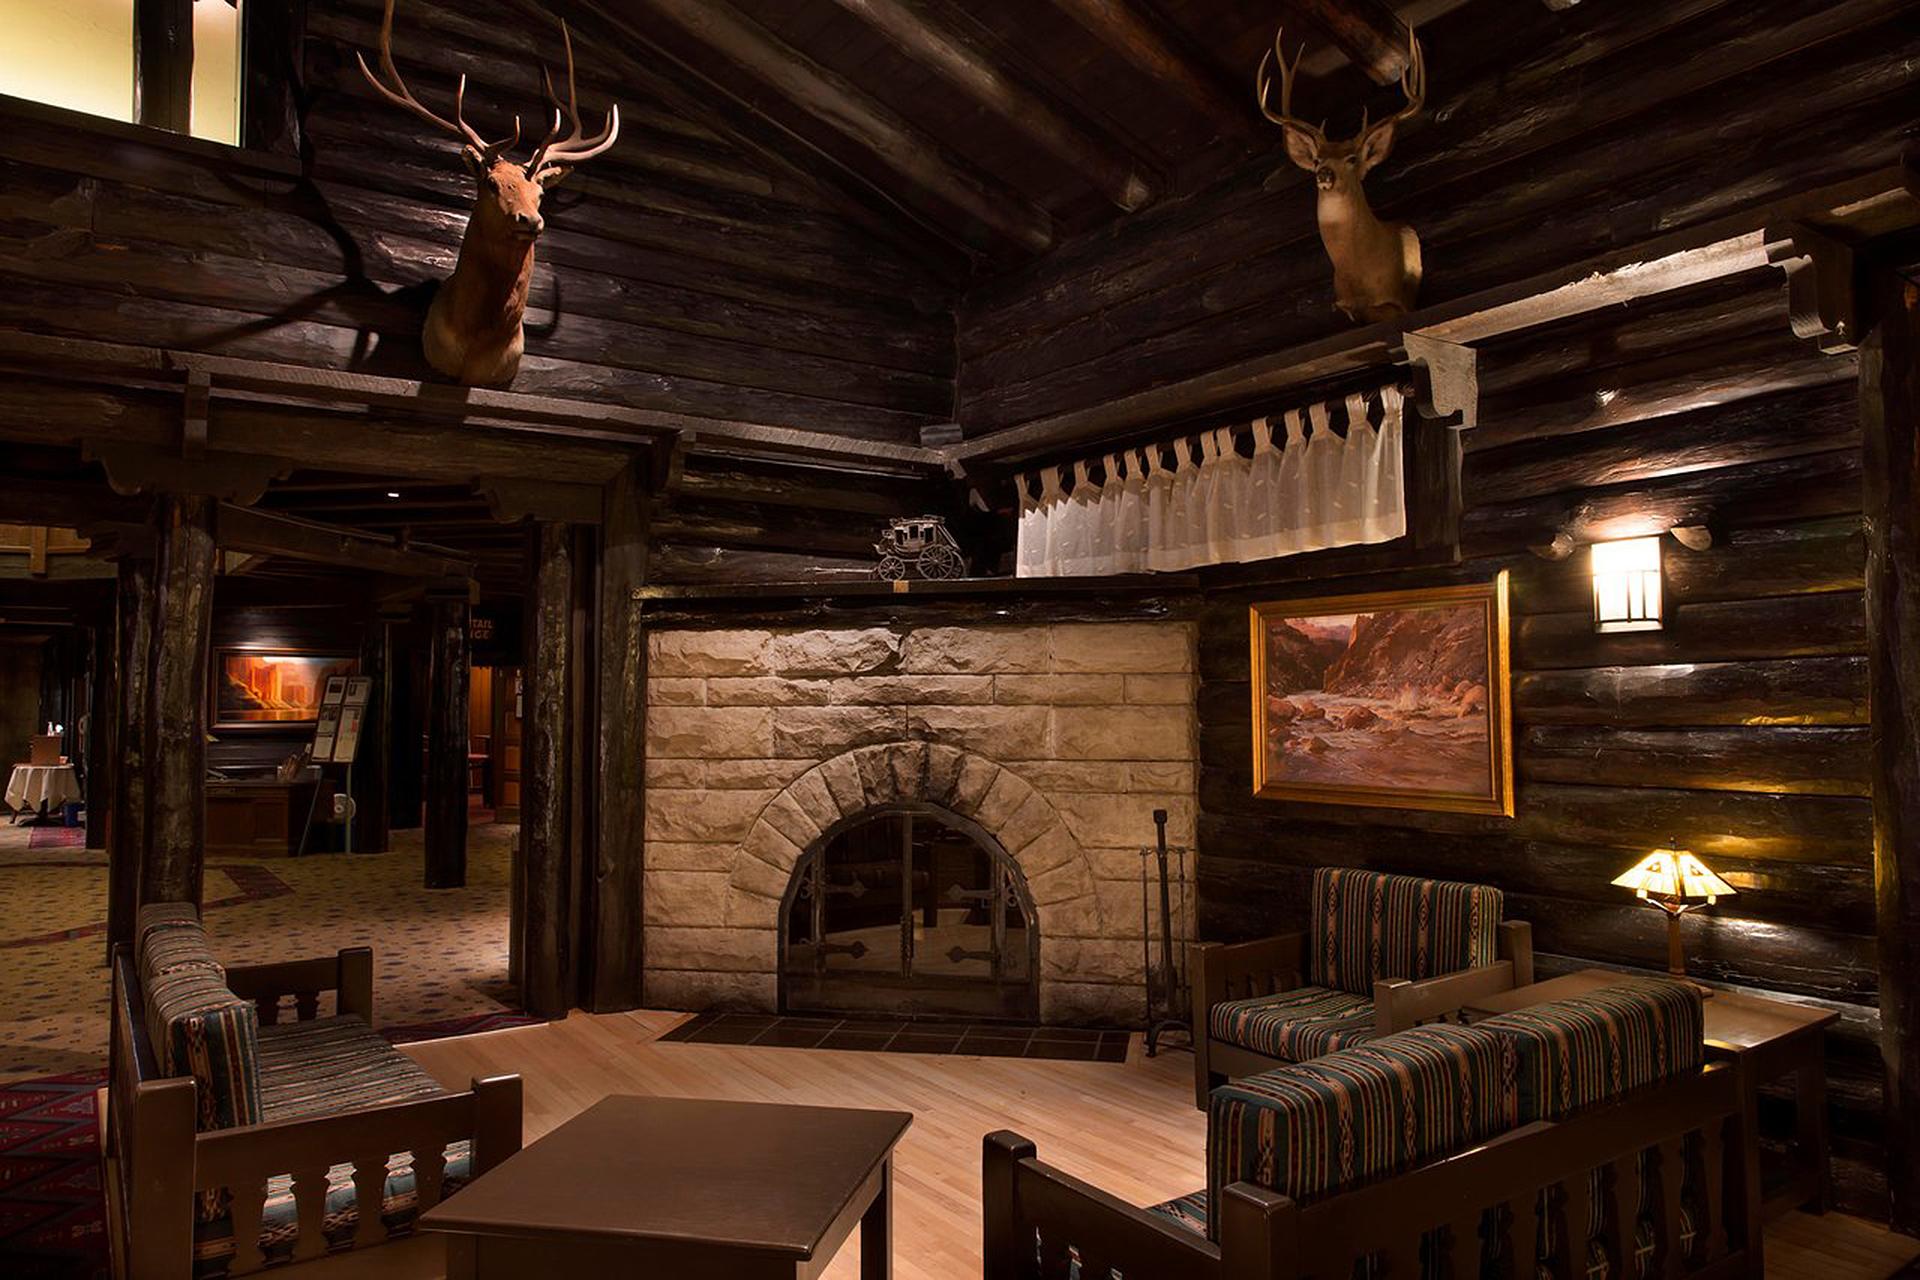 El Tovar Lodge in Grand Canyon National Park; Courtesy of El Tovar